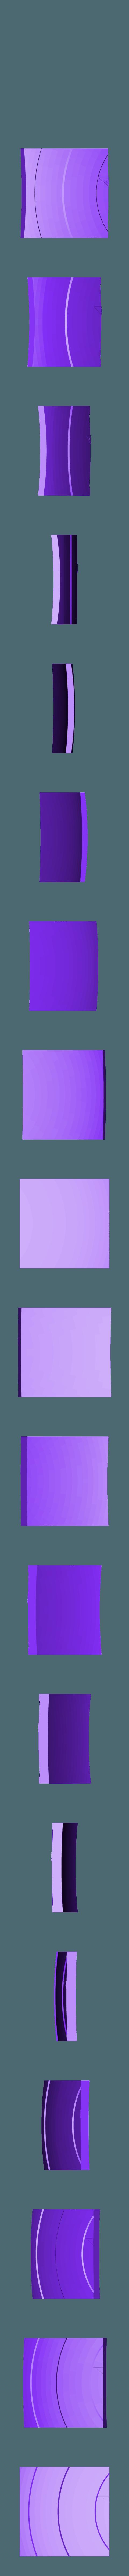 10.STL Télécharger fichier STL gratuit Bouclier du capitaine amérique (Entièrement détaillé) • Design pour imprimante 3D, Absolute3D